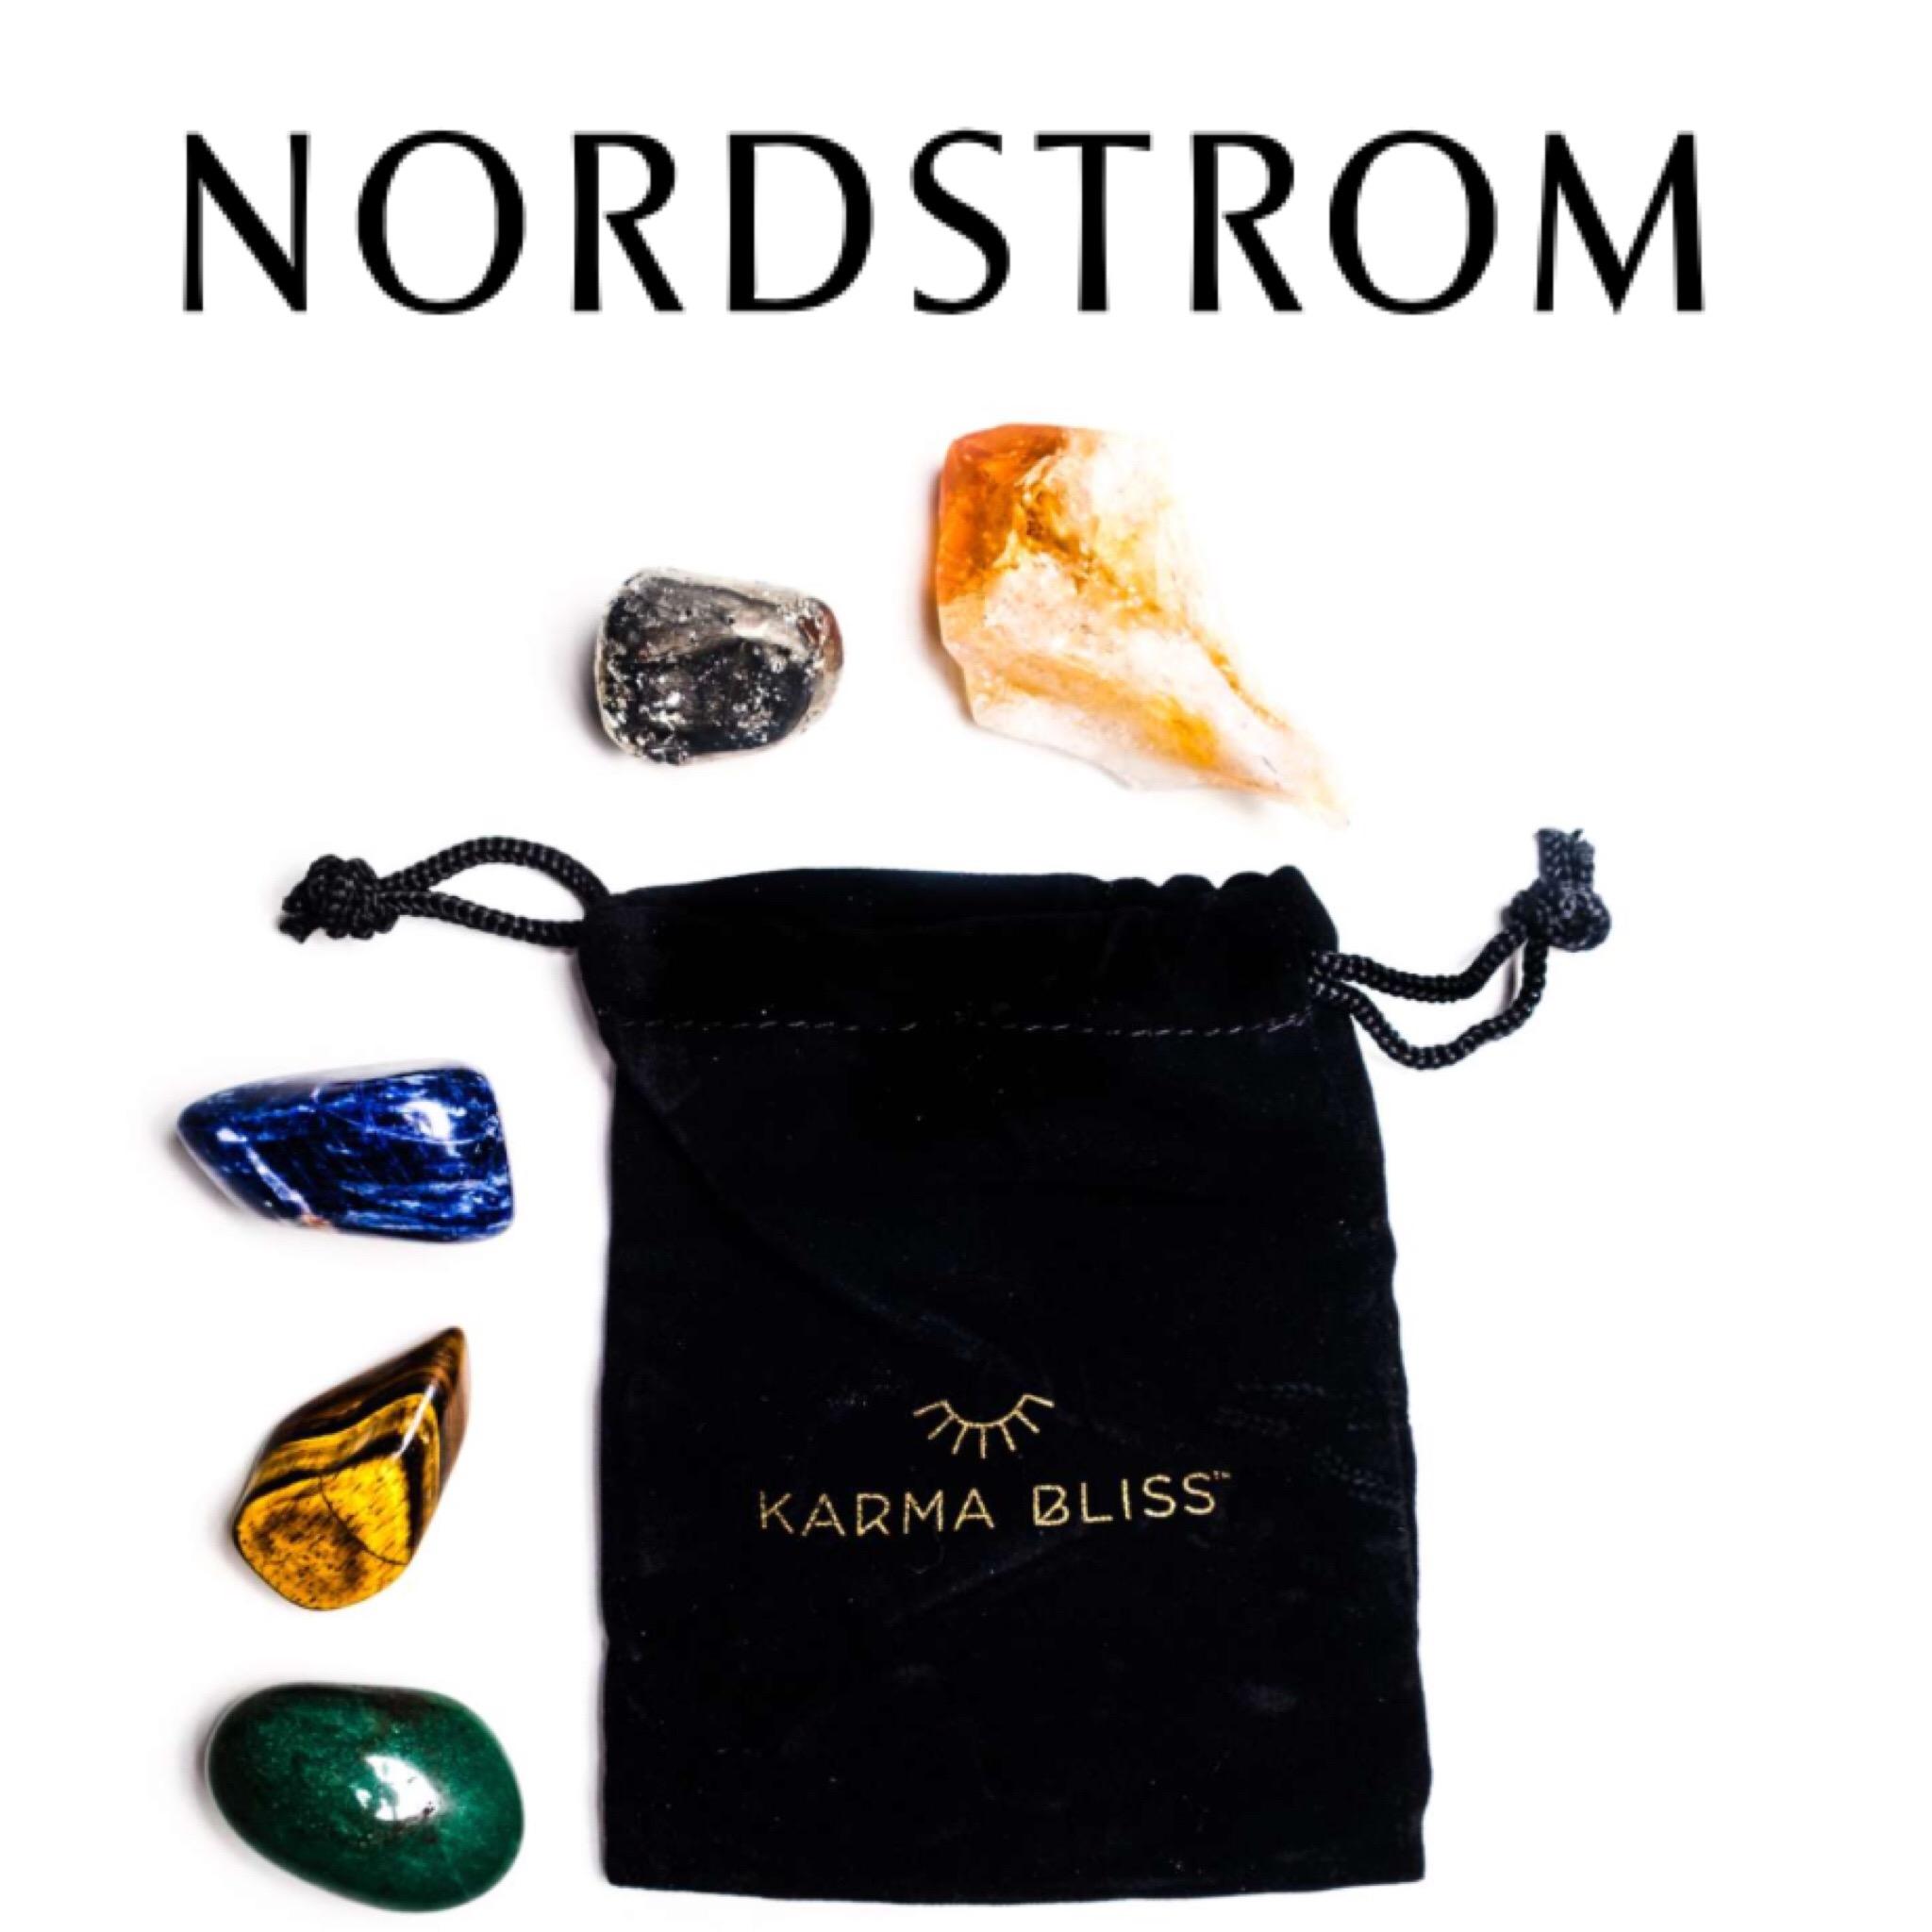 KarmaBliss Nordstrom.JPG